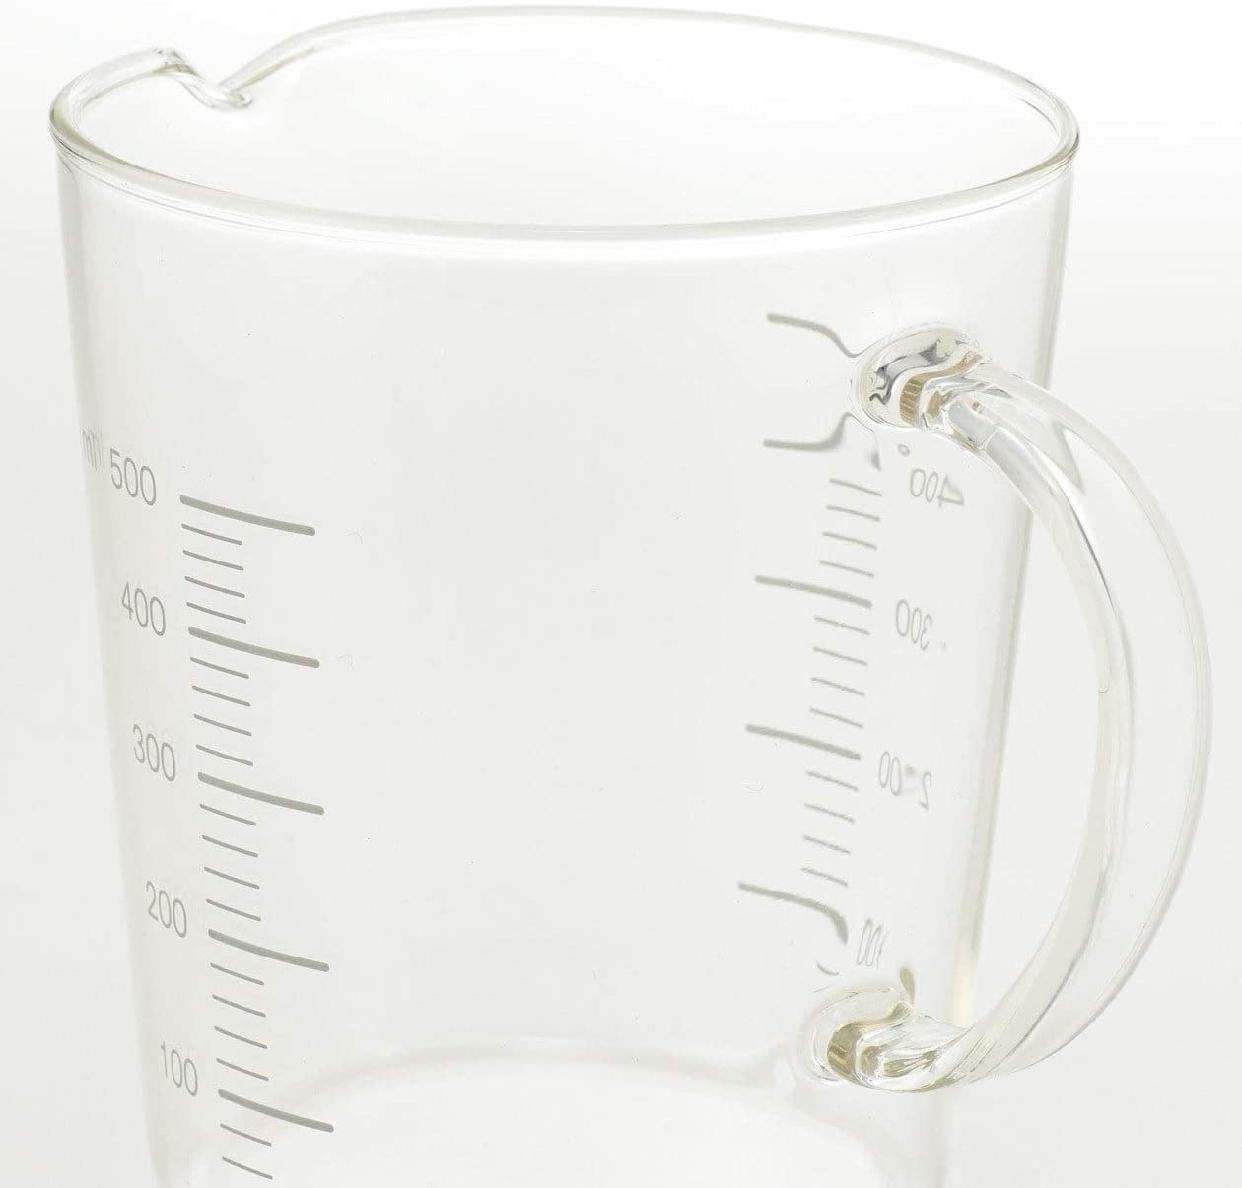 無印良品(MUJI) 耐熱ガラスメジャーカップ 500mlの商品画像2